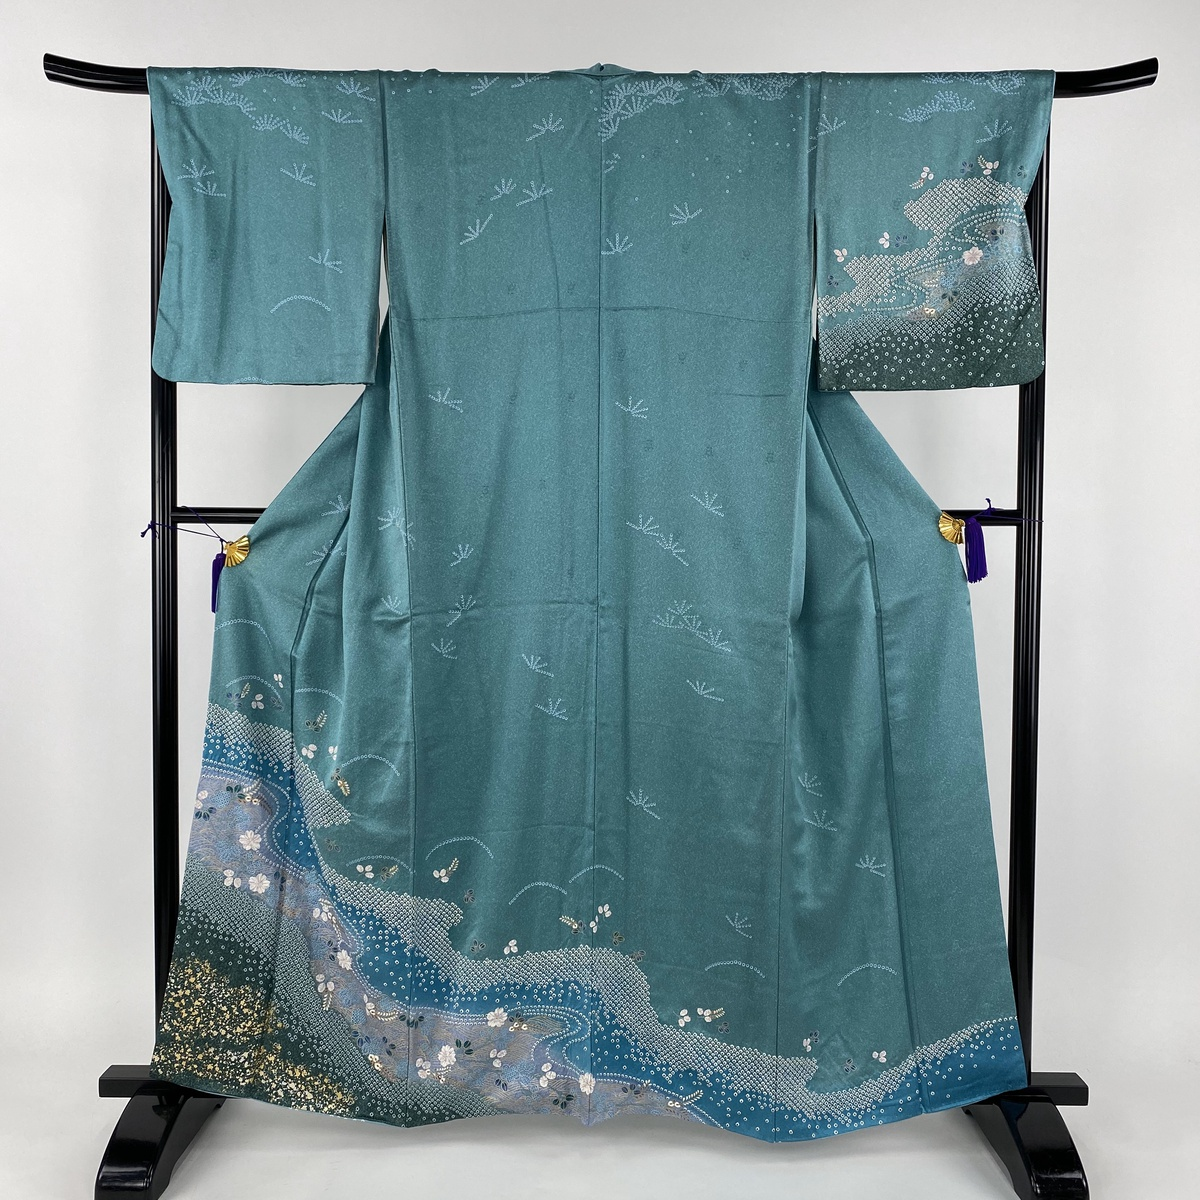 訪問着 秀品 流水 草花 部分絞り 金彩 青緑 袷 身丈159cm 裄丈67cm M 正絹 【中古】